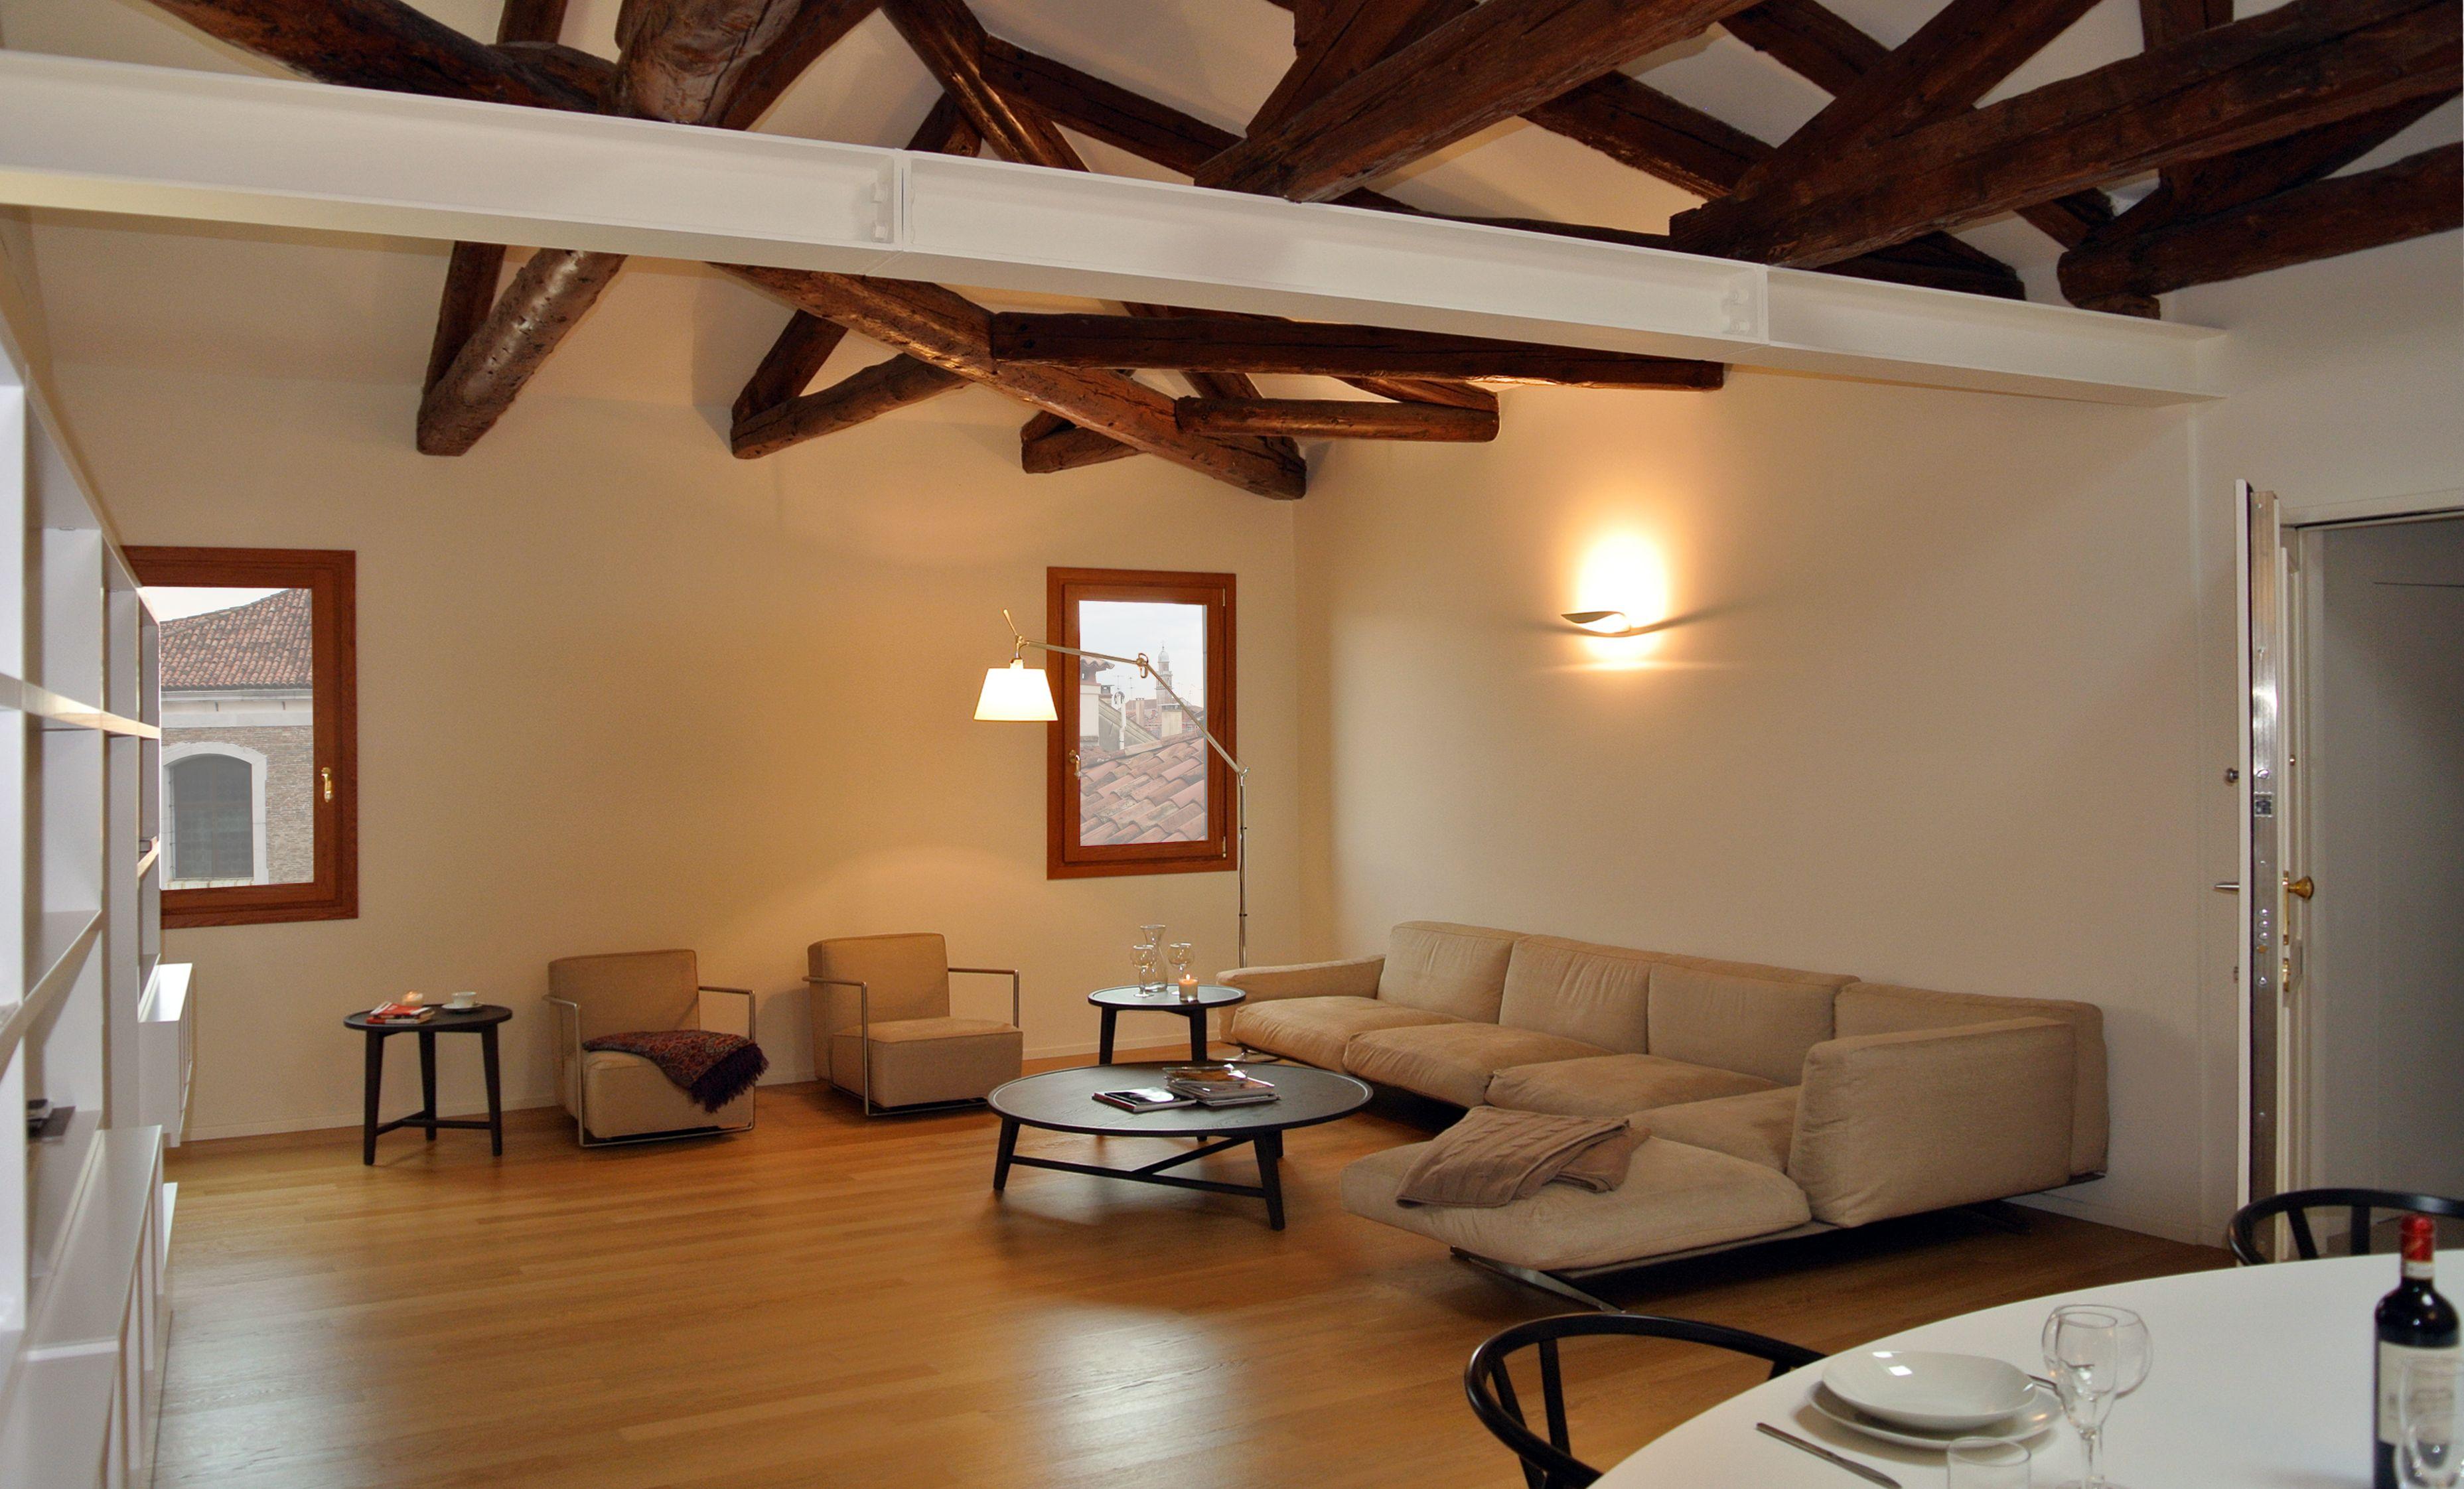 Soggiorno, zona divani #architettura #interni | Attico a Venezia ...